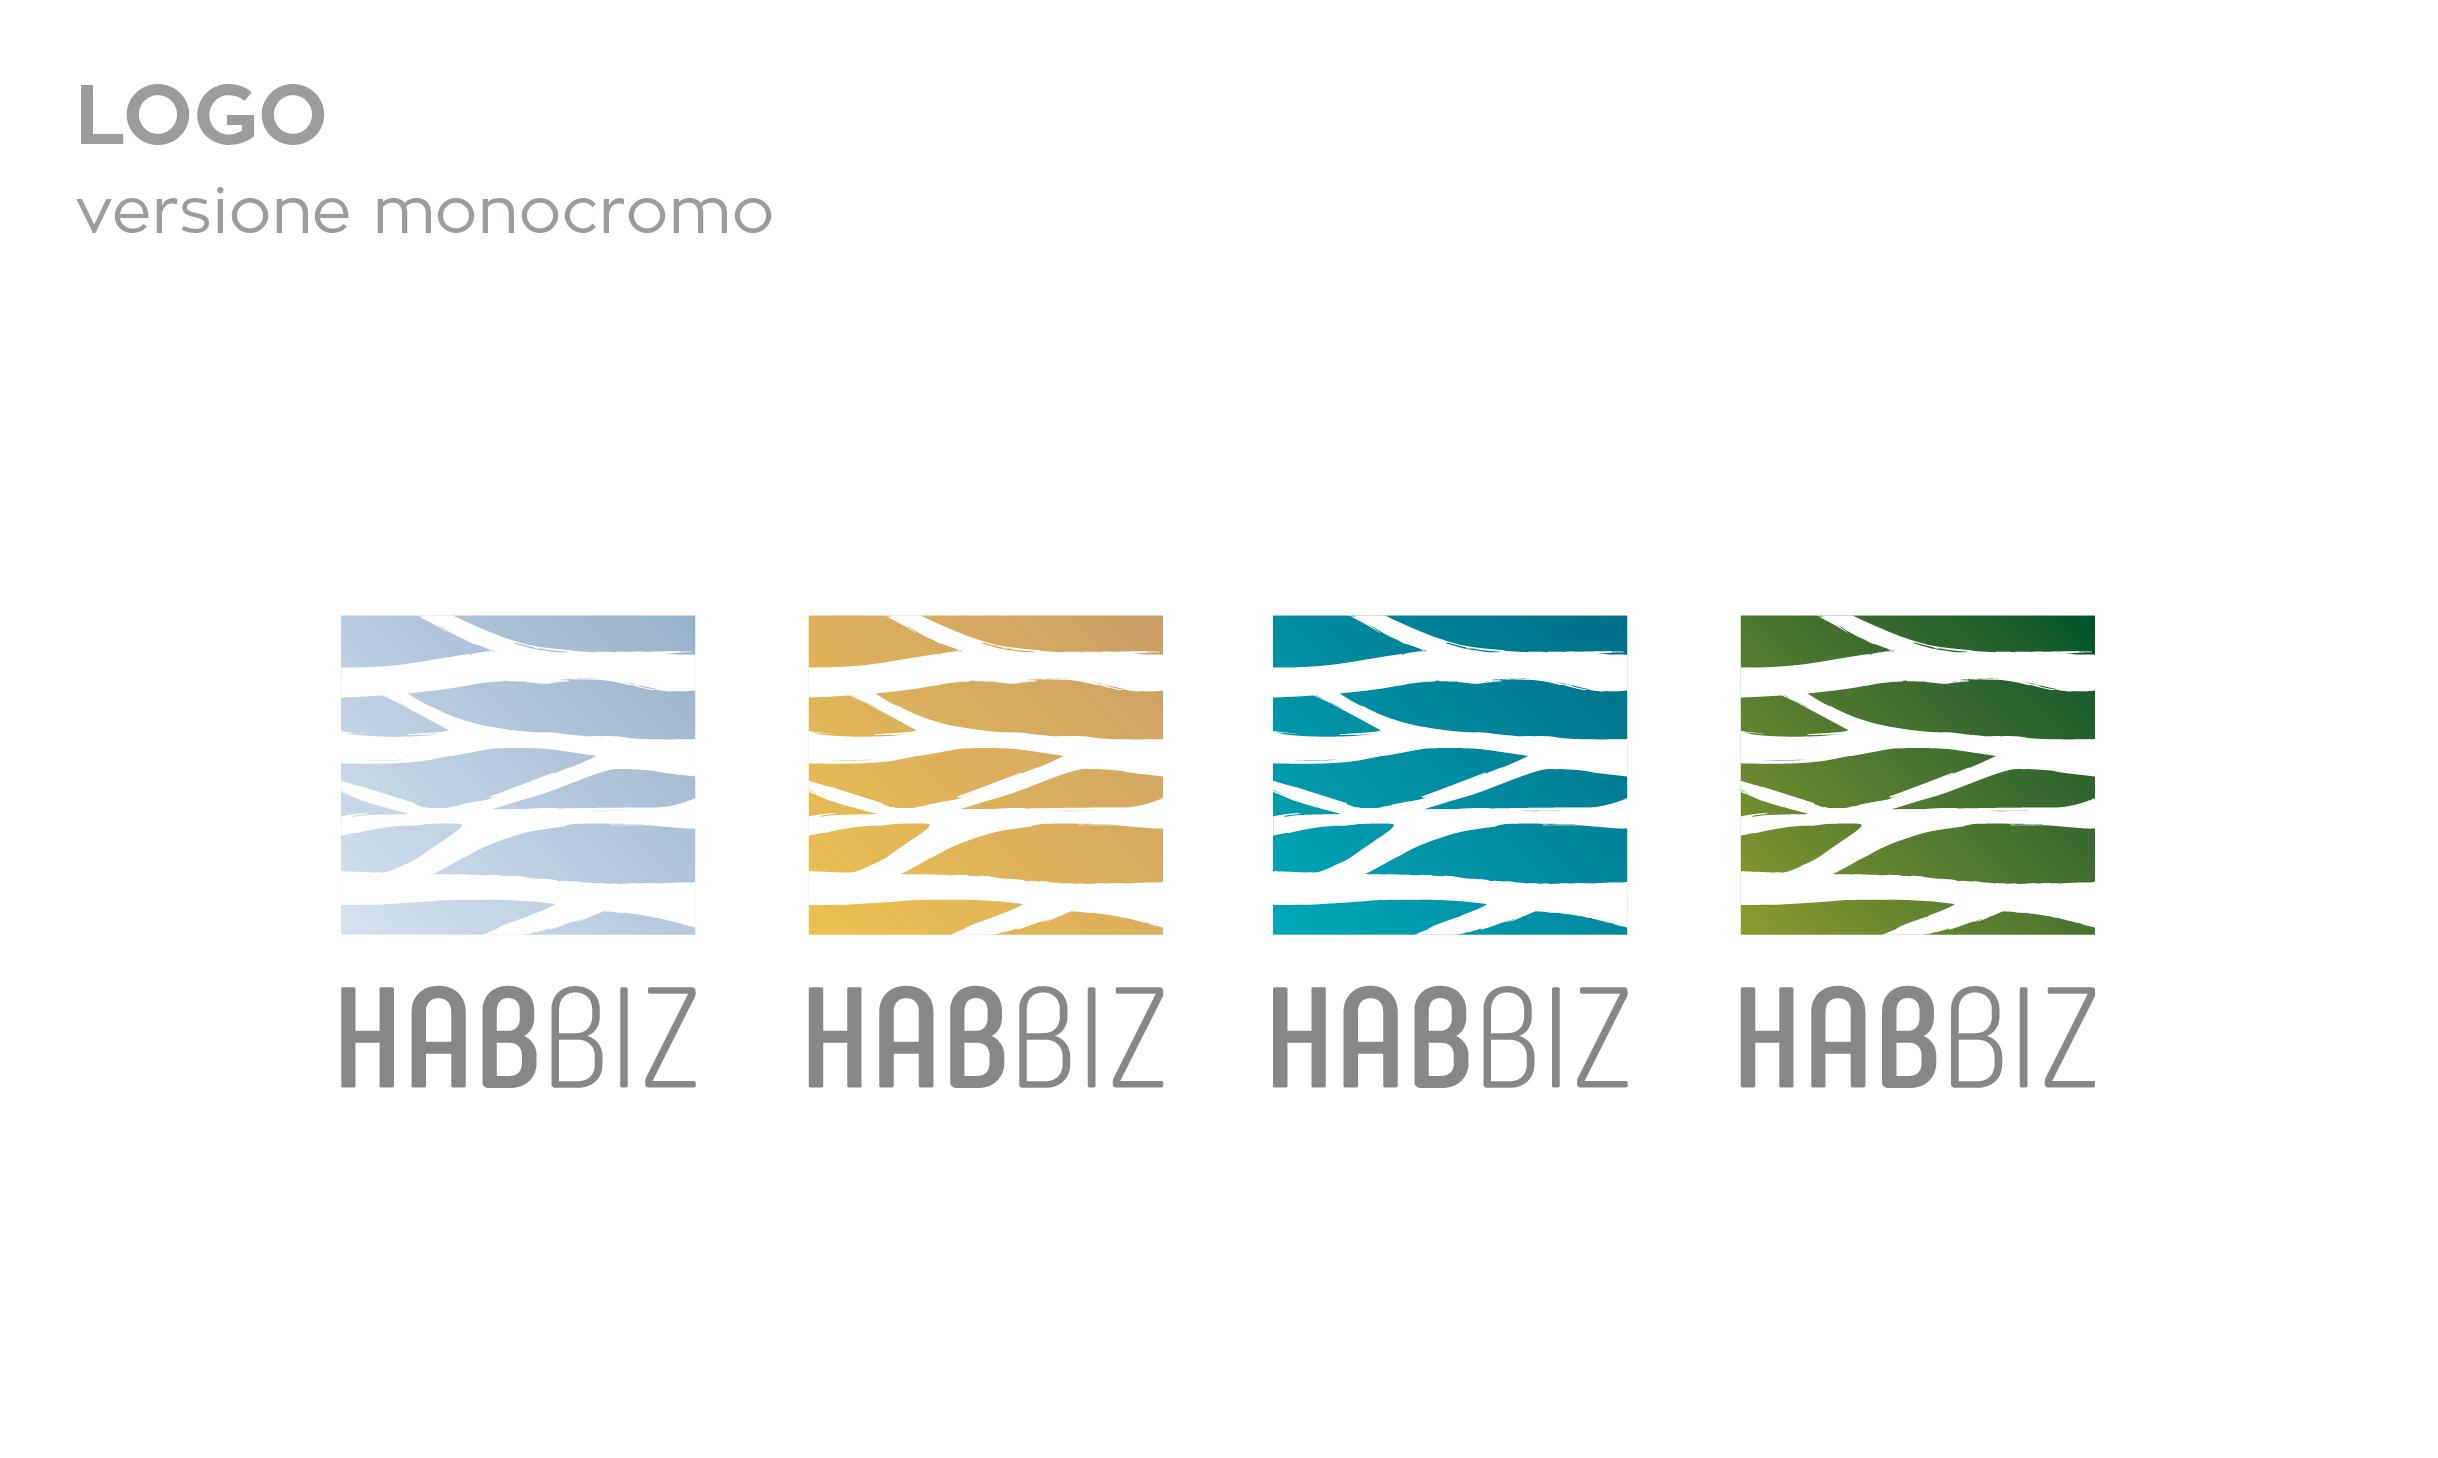 Hora-Habbiz_brandIdentity_13